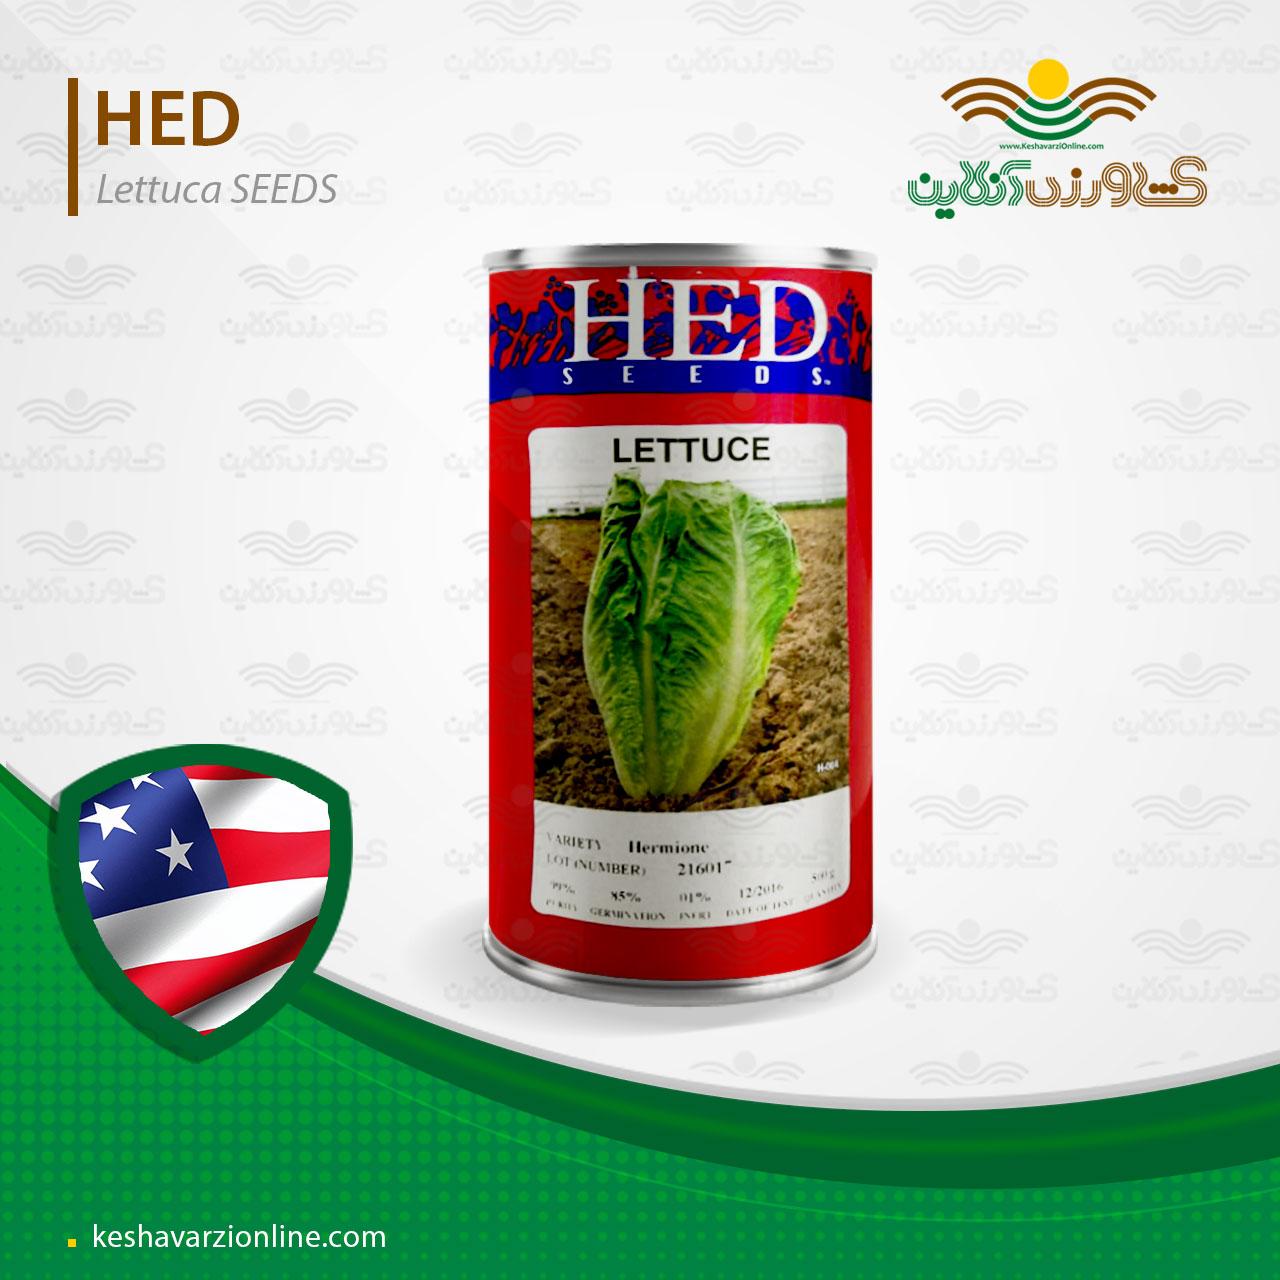 بذر کاهو سالادی هد آمریکا